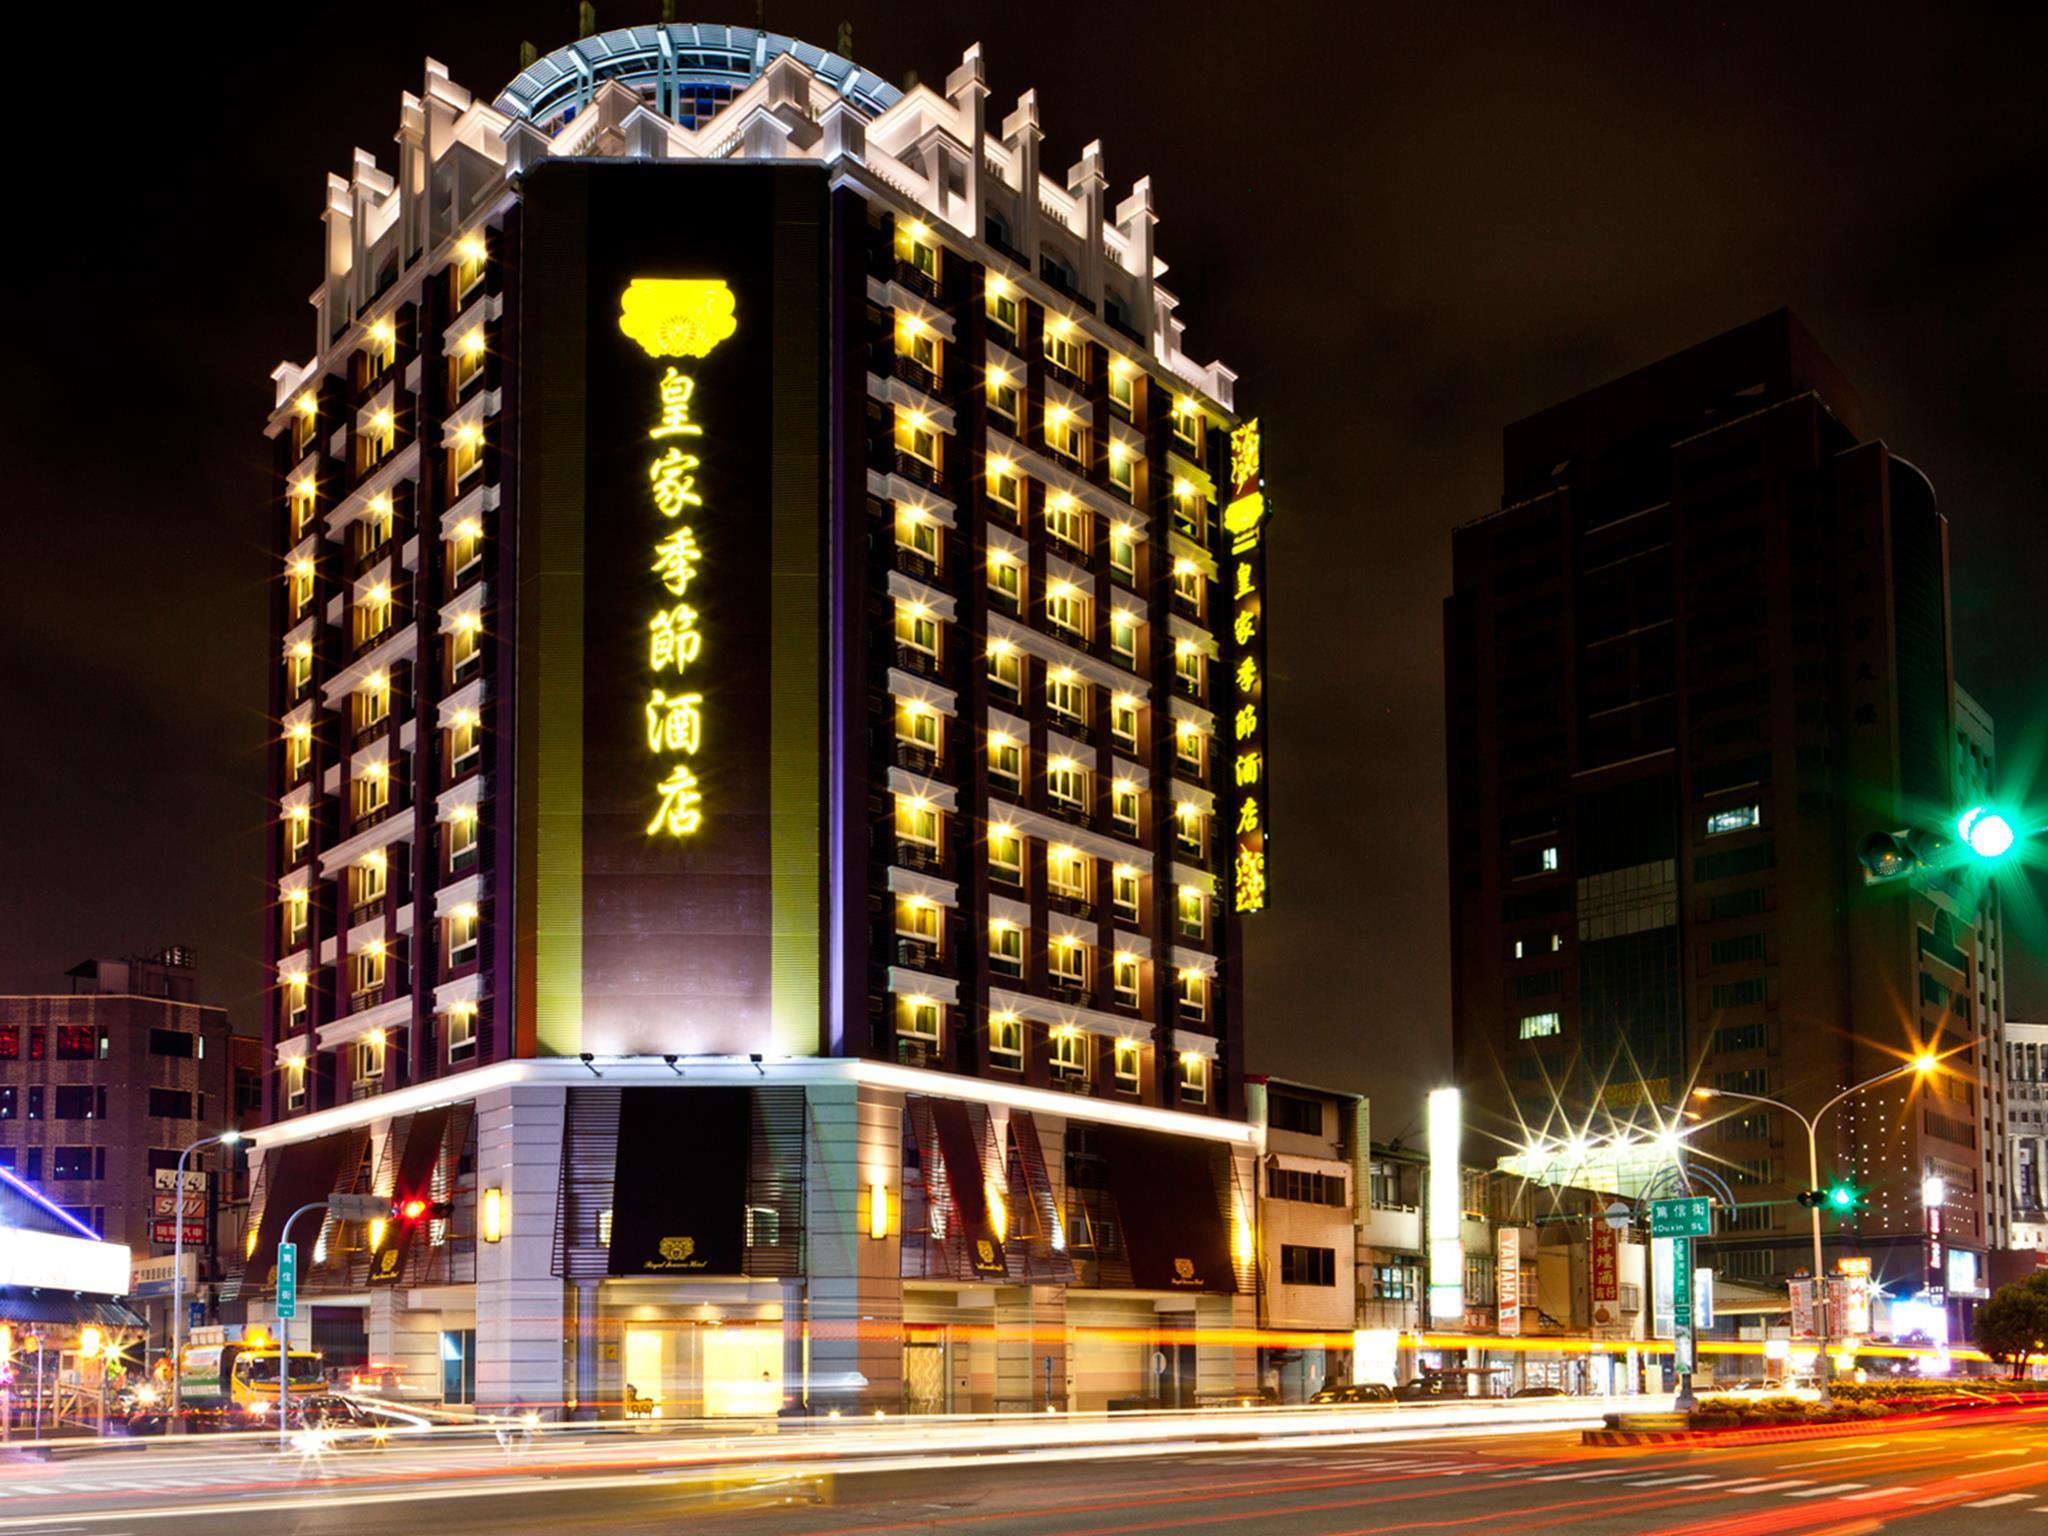 臺中市皇家季節酒店臺中中港館 (Royal Seasons Hotel Taichung-Zhongkang) - Agoda 提供行程前一刻網上即時優惠價格訂房服務